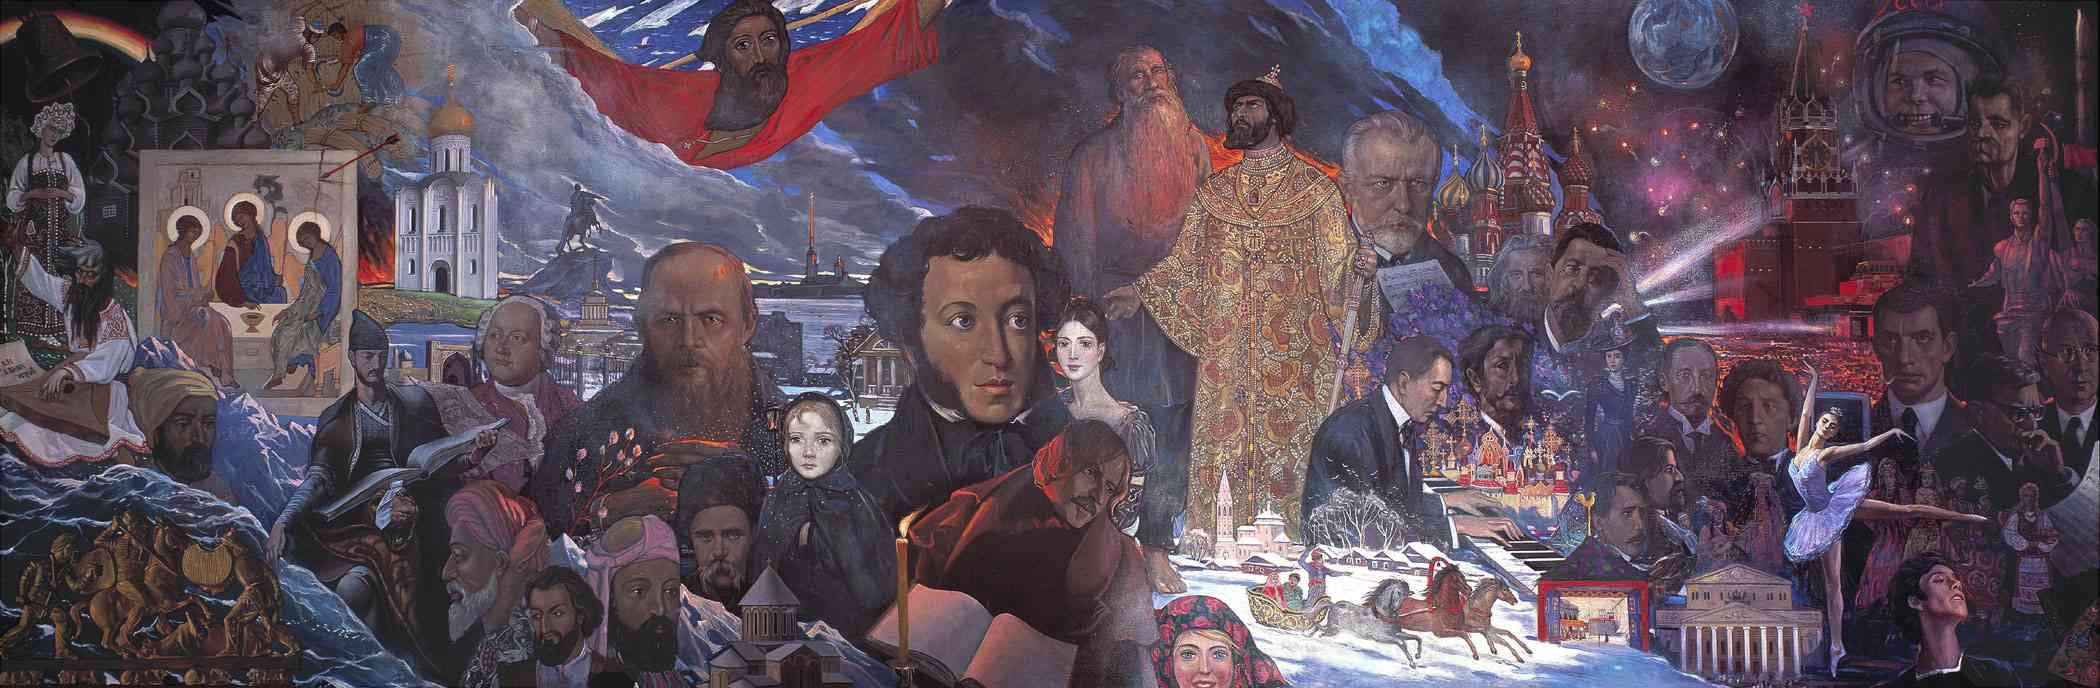 Илья Глазунов «Вклад народов СССР в мировую культуру и цивилизацию», 1980